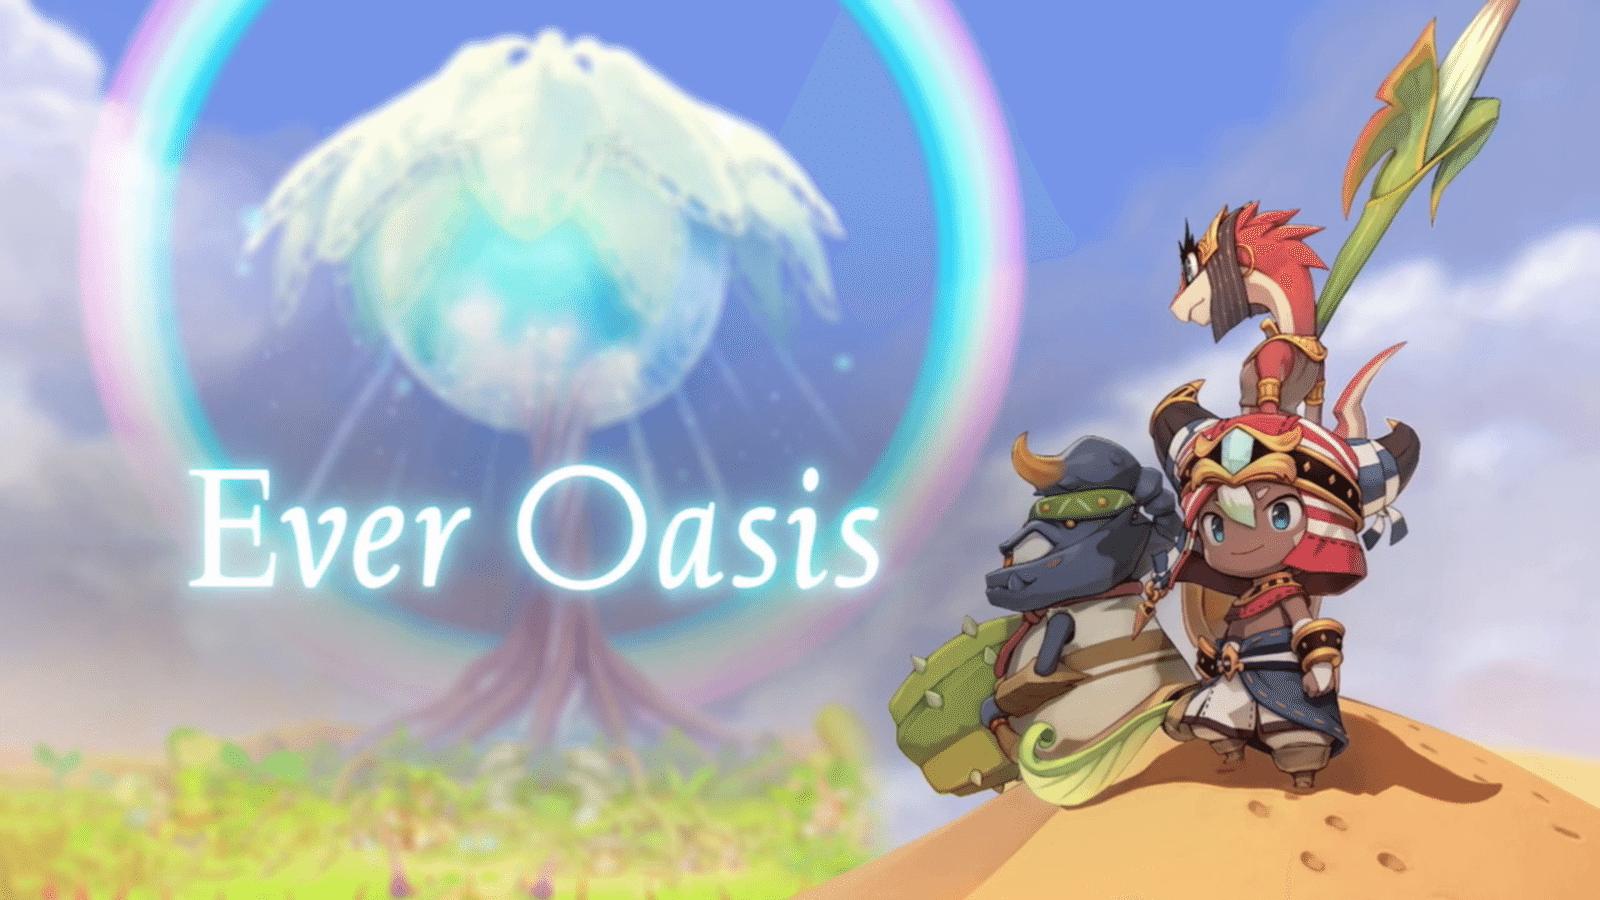 Ever Oasis, Nintendo